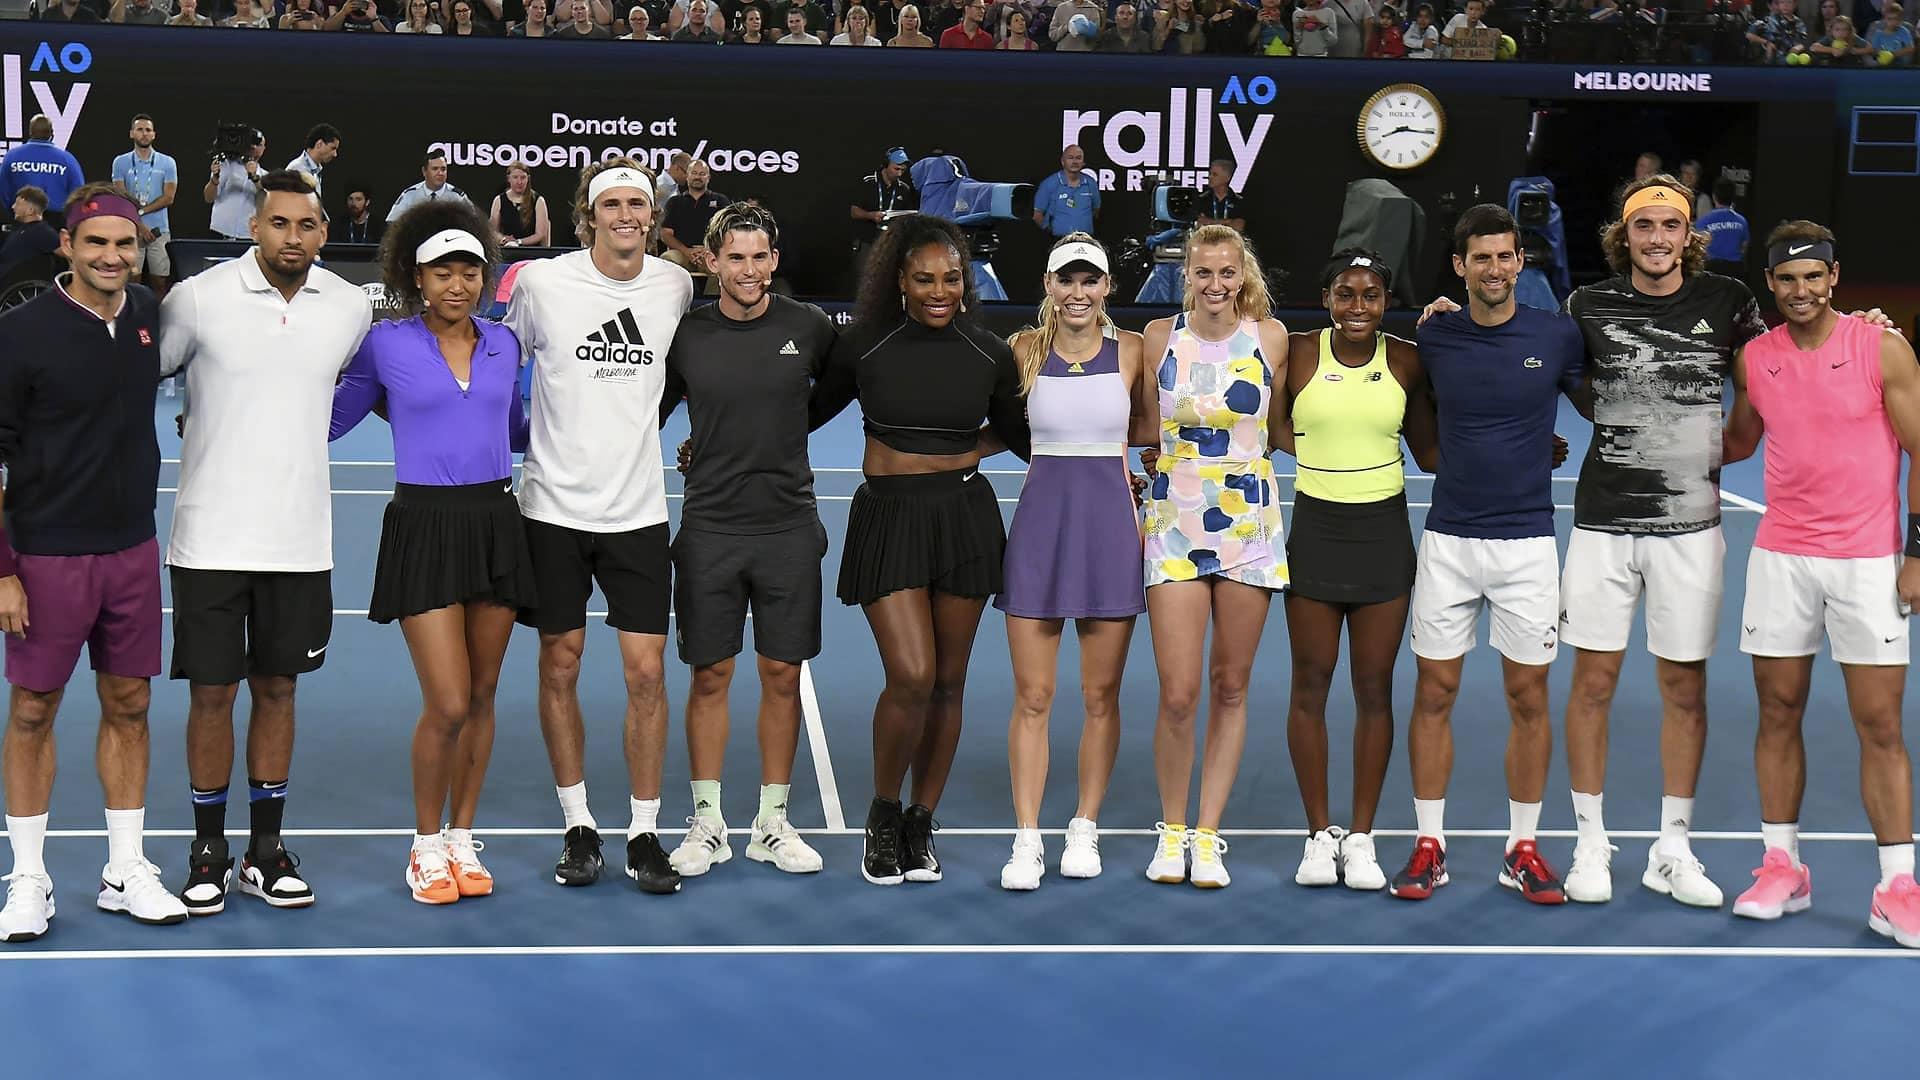 Rafael Nadal Novak Djokovic Roger Federer Wta Stars Join